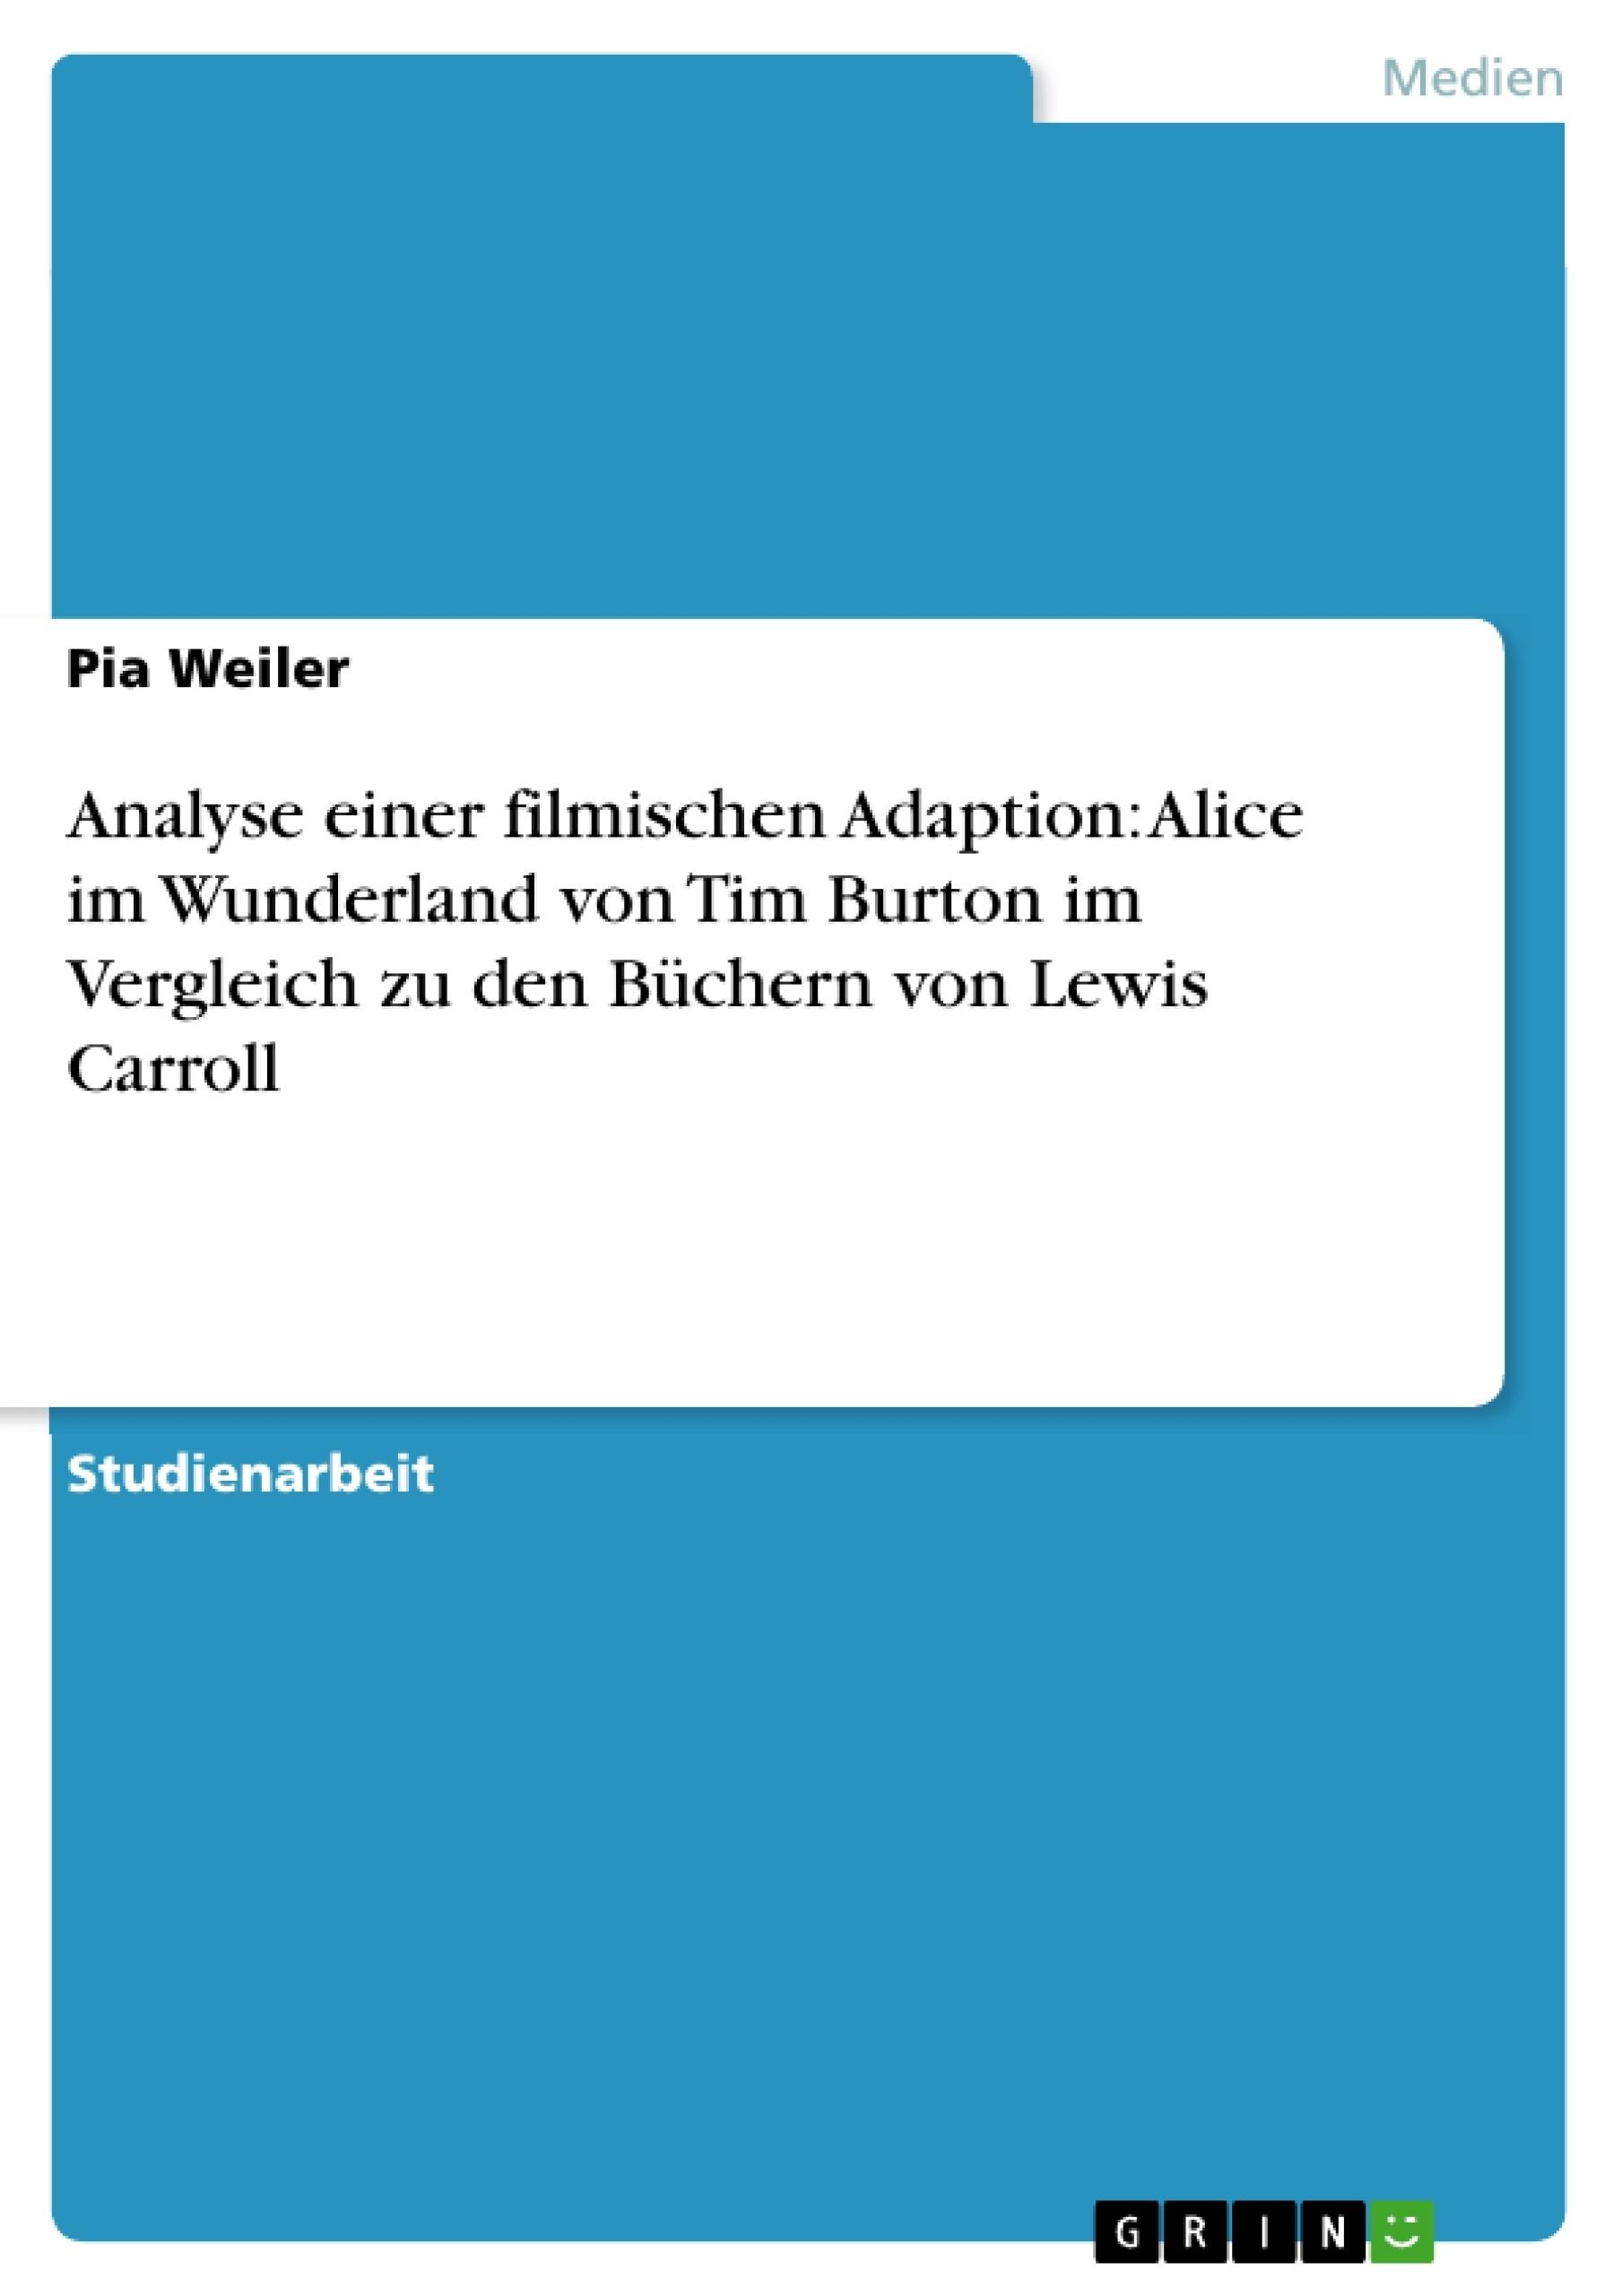 Titel: Analyse einer filmischen Adaption: Alice im Wunderland von Tim Burton im Vergleich zu den Büchern von Lewis Carroll